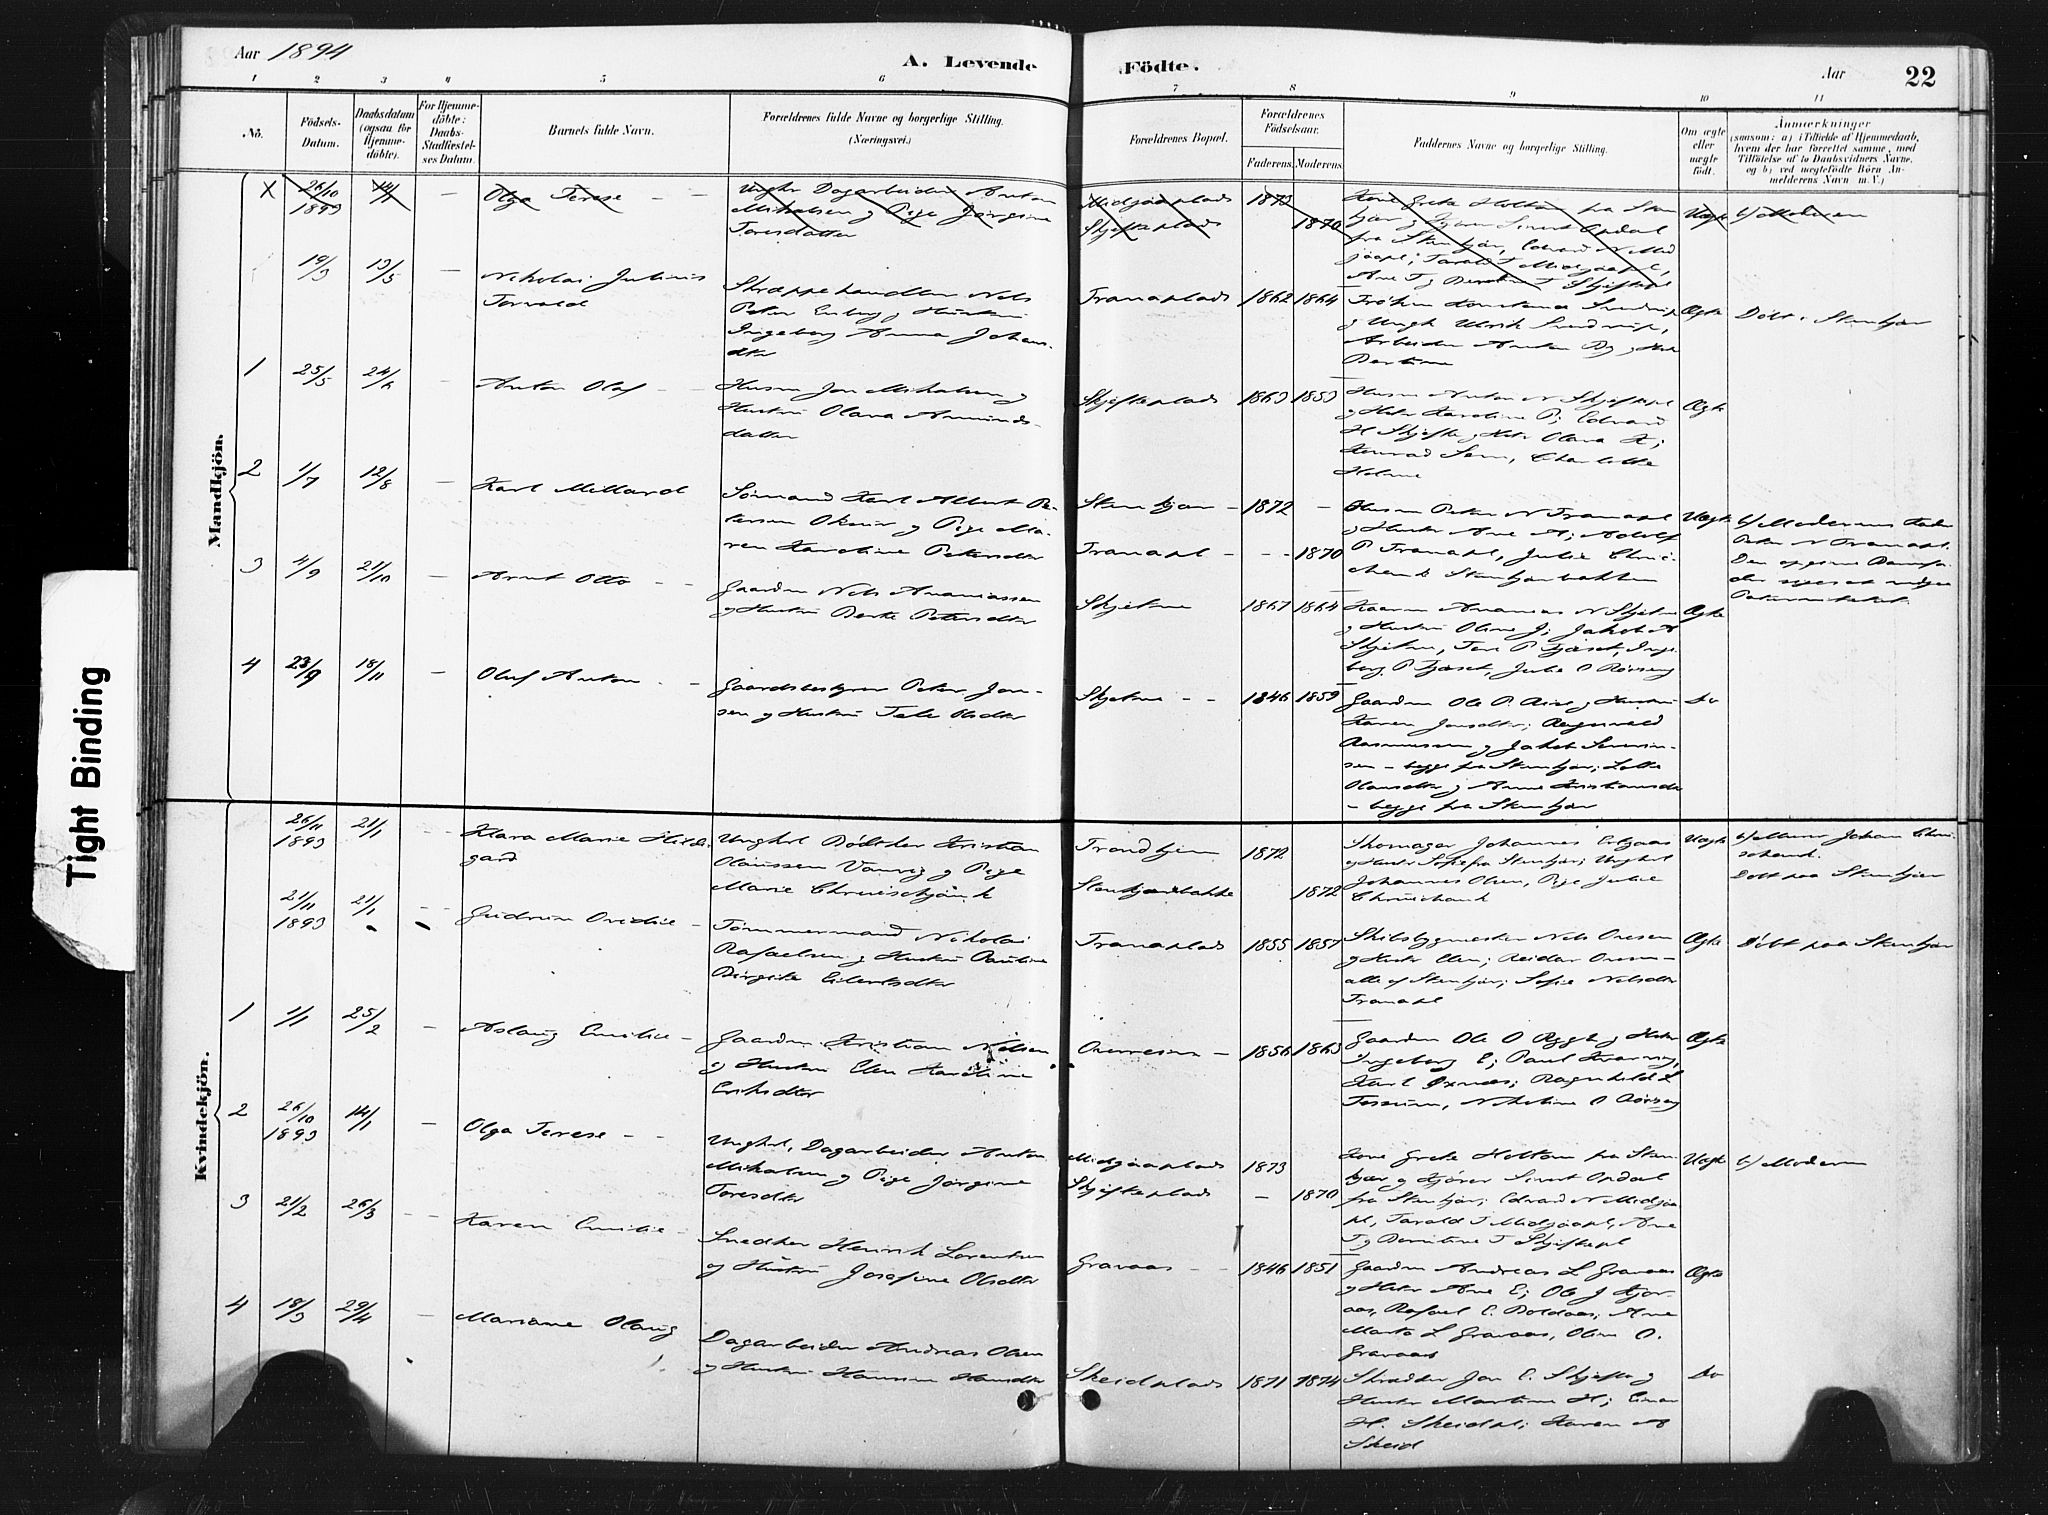 SAT, Ministerialprotokoller, klokkerbøker og fødselsregistre - Nord-Trøndelag, 736/L0361: Ministerialbok nr. 736A01, 1884-1906, s. 22